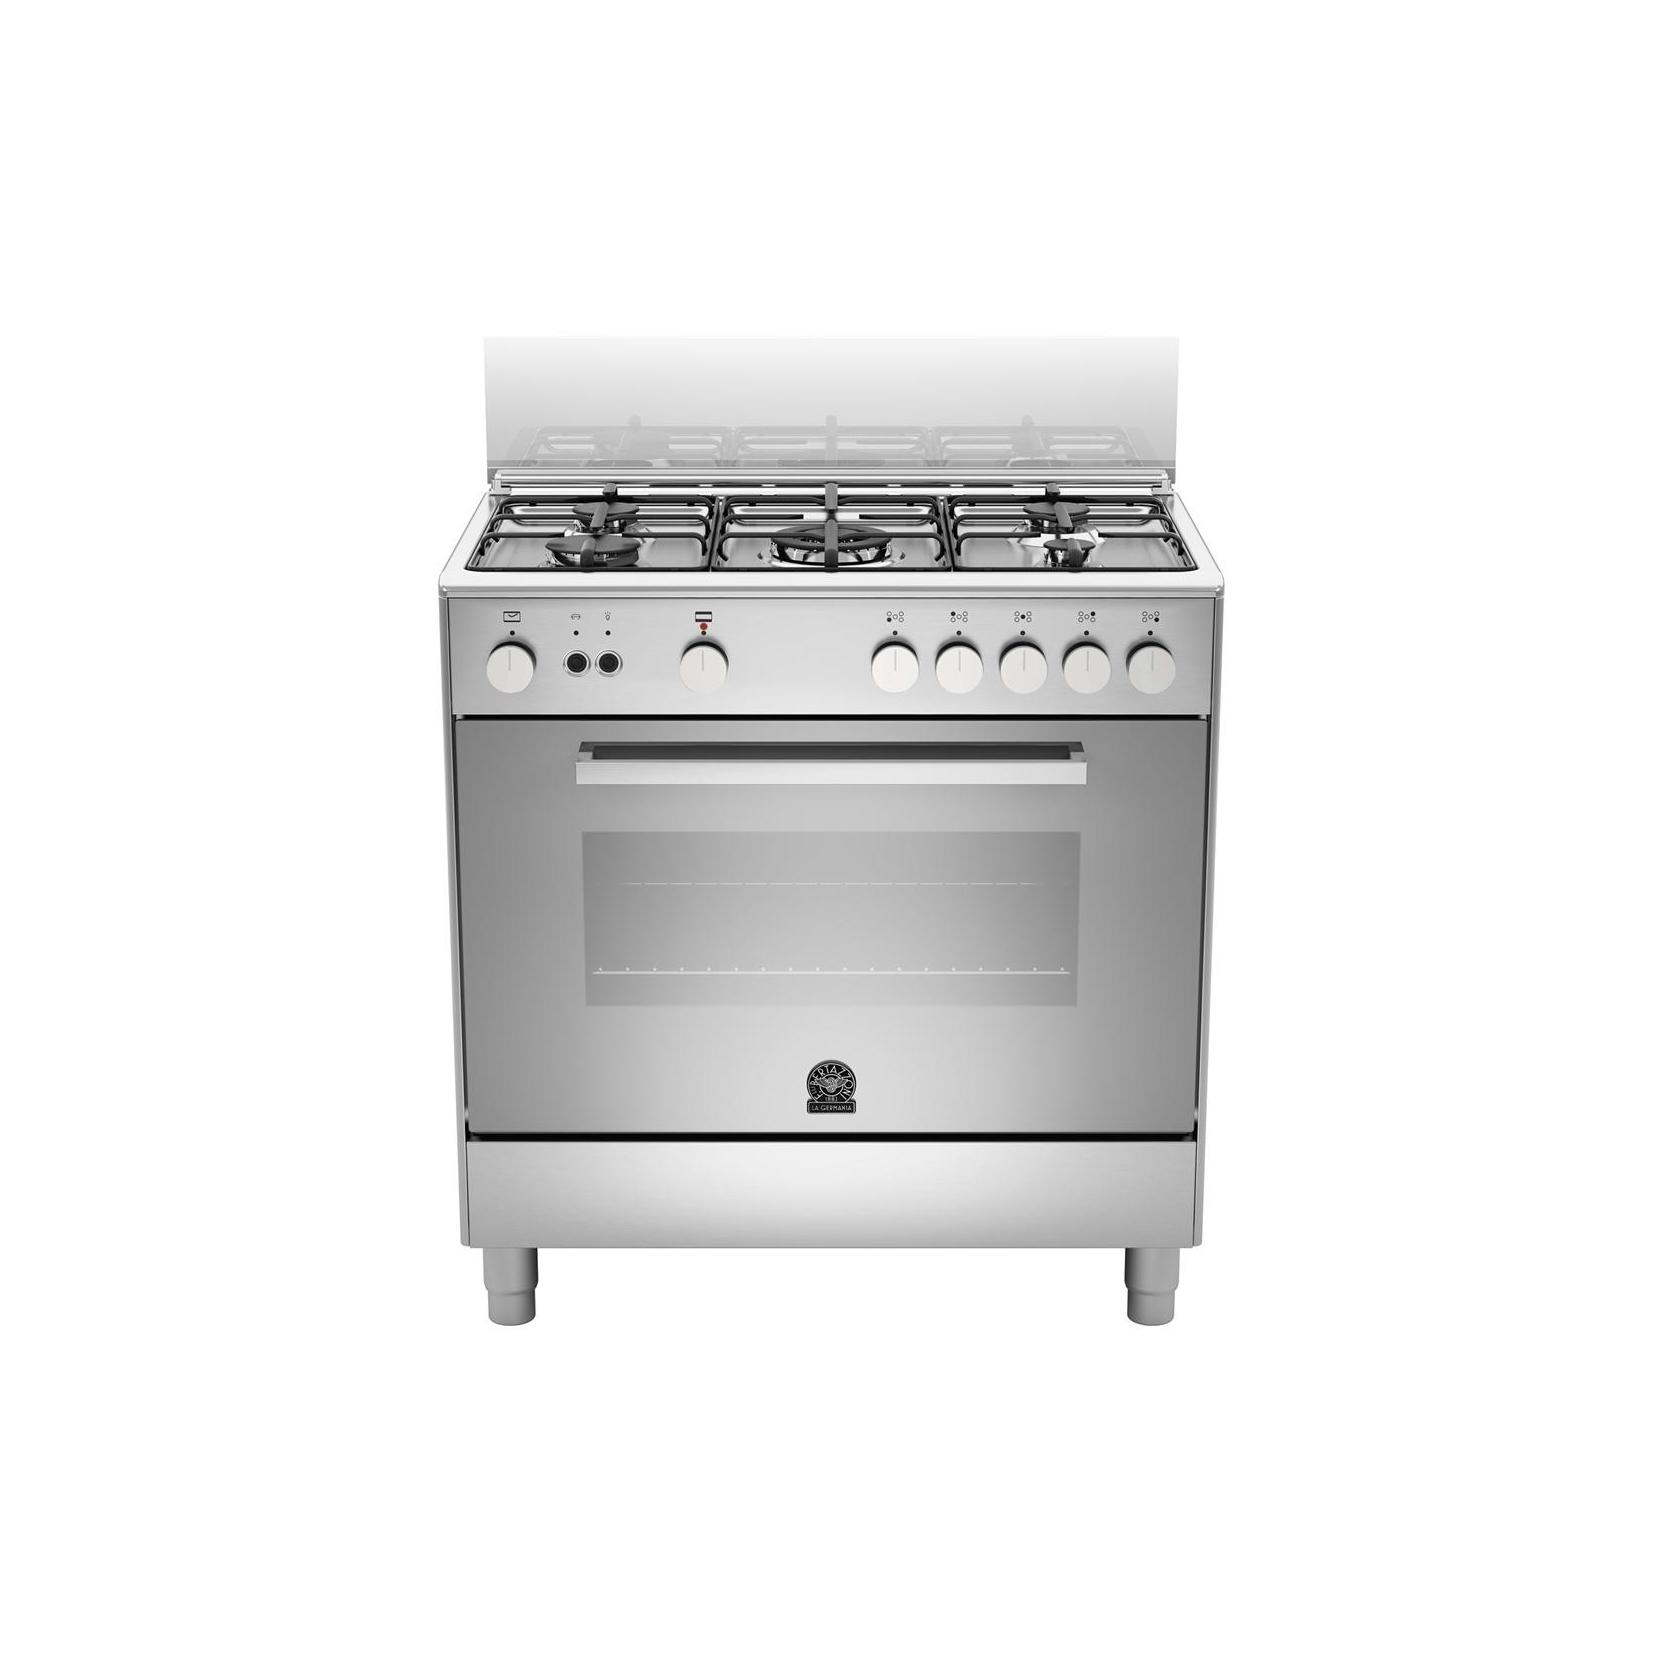 Cucina la germania tu85c61dxt 80x50 5 fuochi a gas forno for Cucina 5 fuochi 70x60